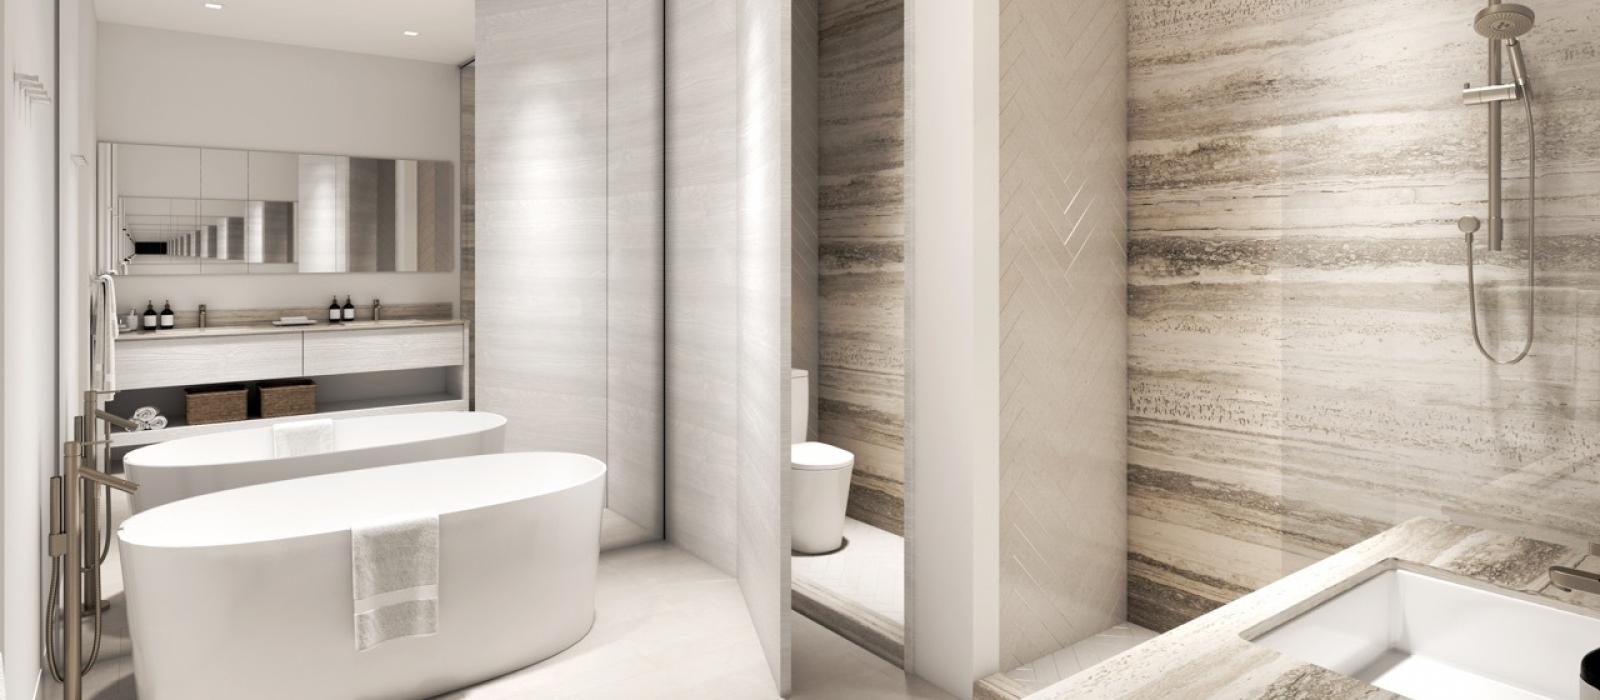 20170428 Ln Arbor Bathroom Tub Preview